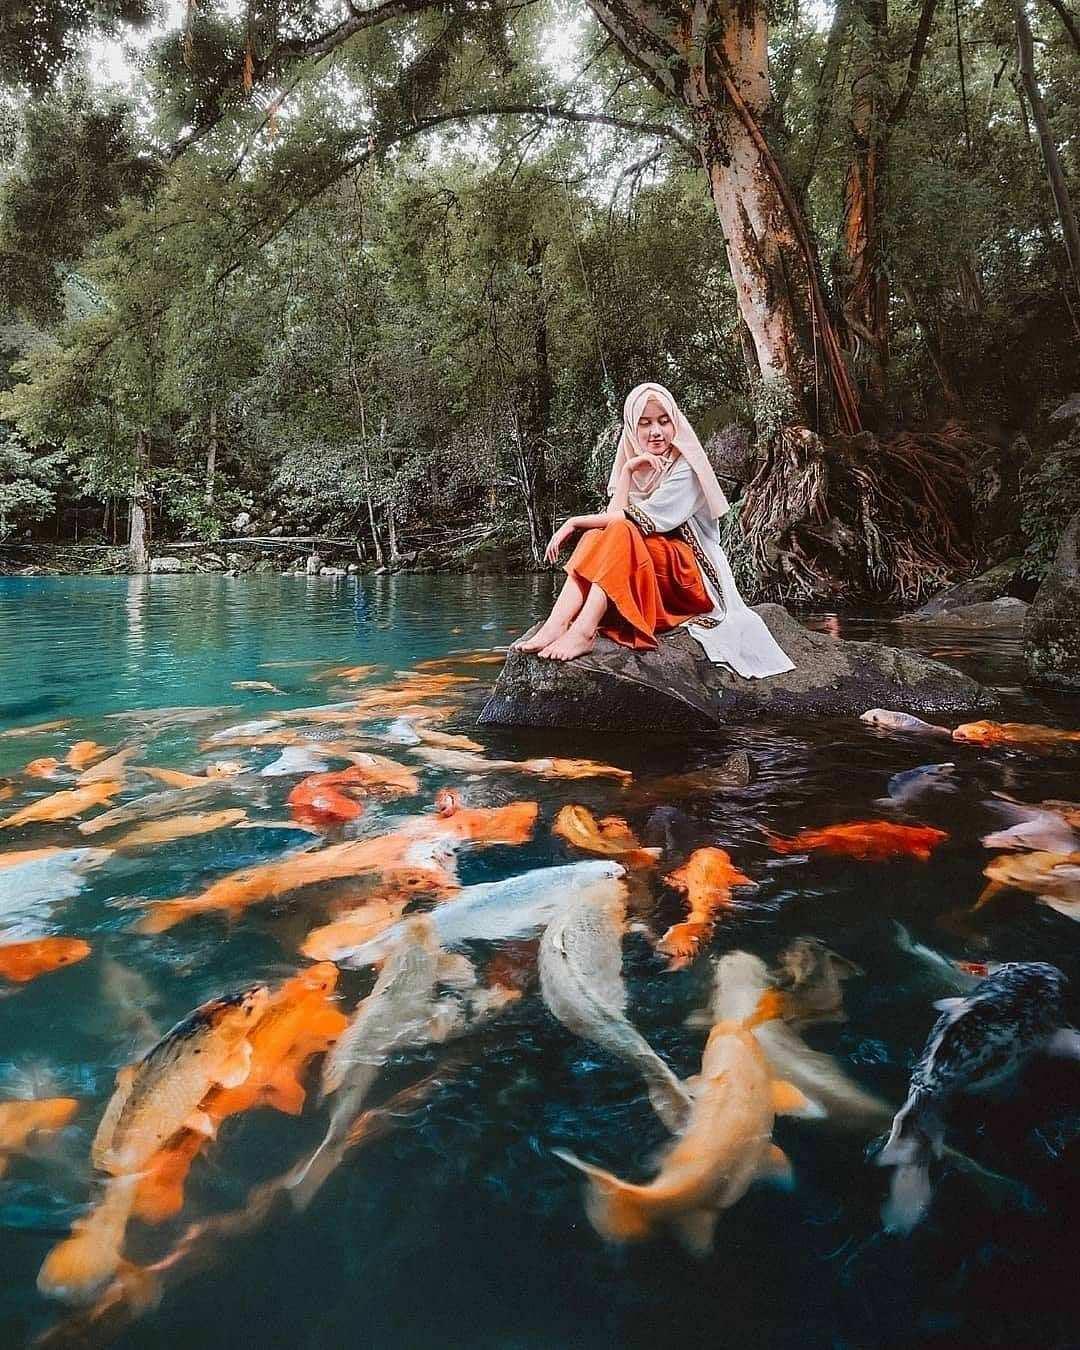 Berfoto Dengan Ikan di Telaga Biru Cicerem Kuningan Image From @egimoto_